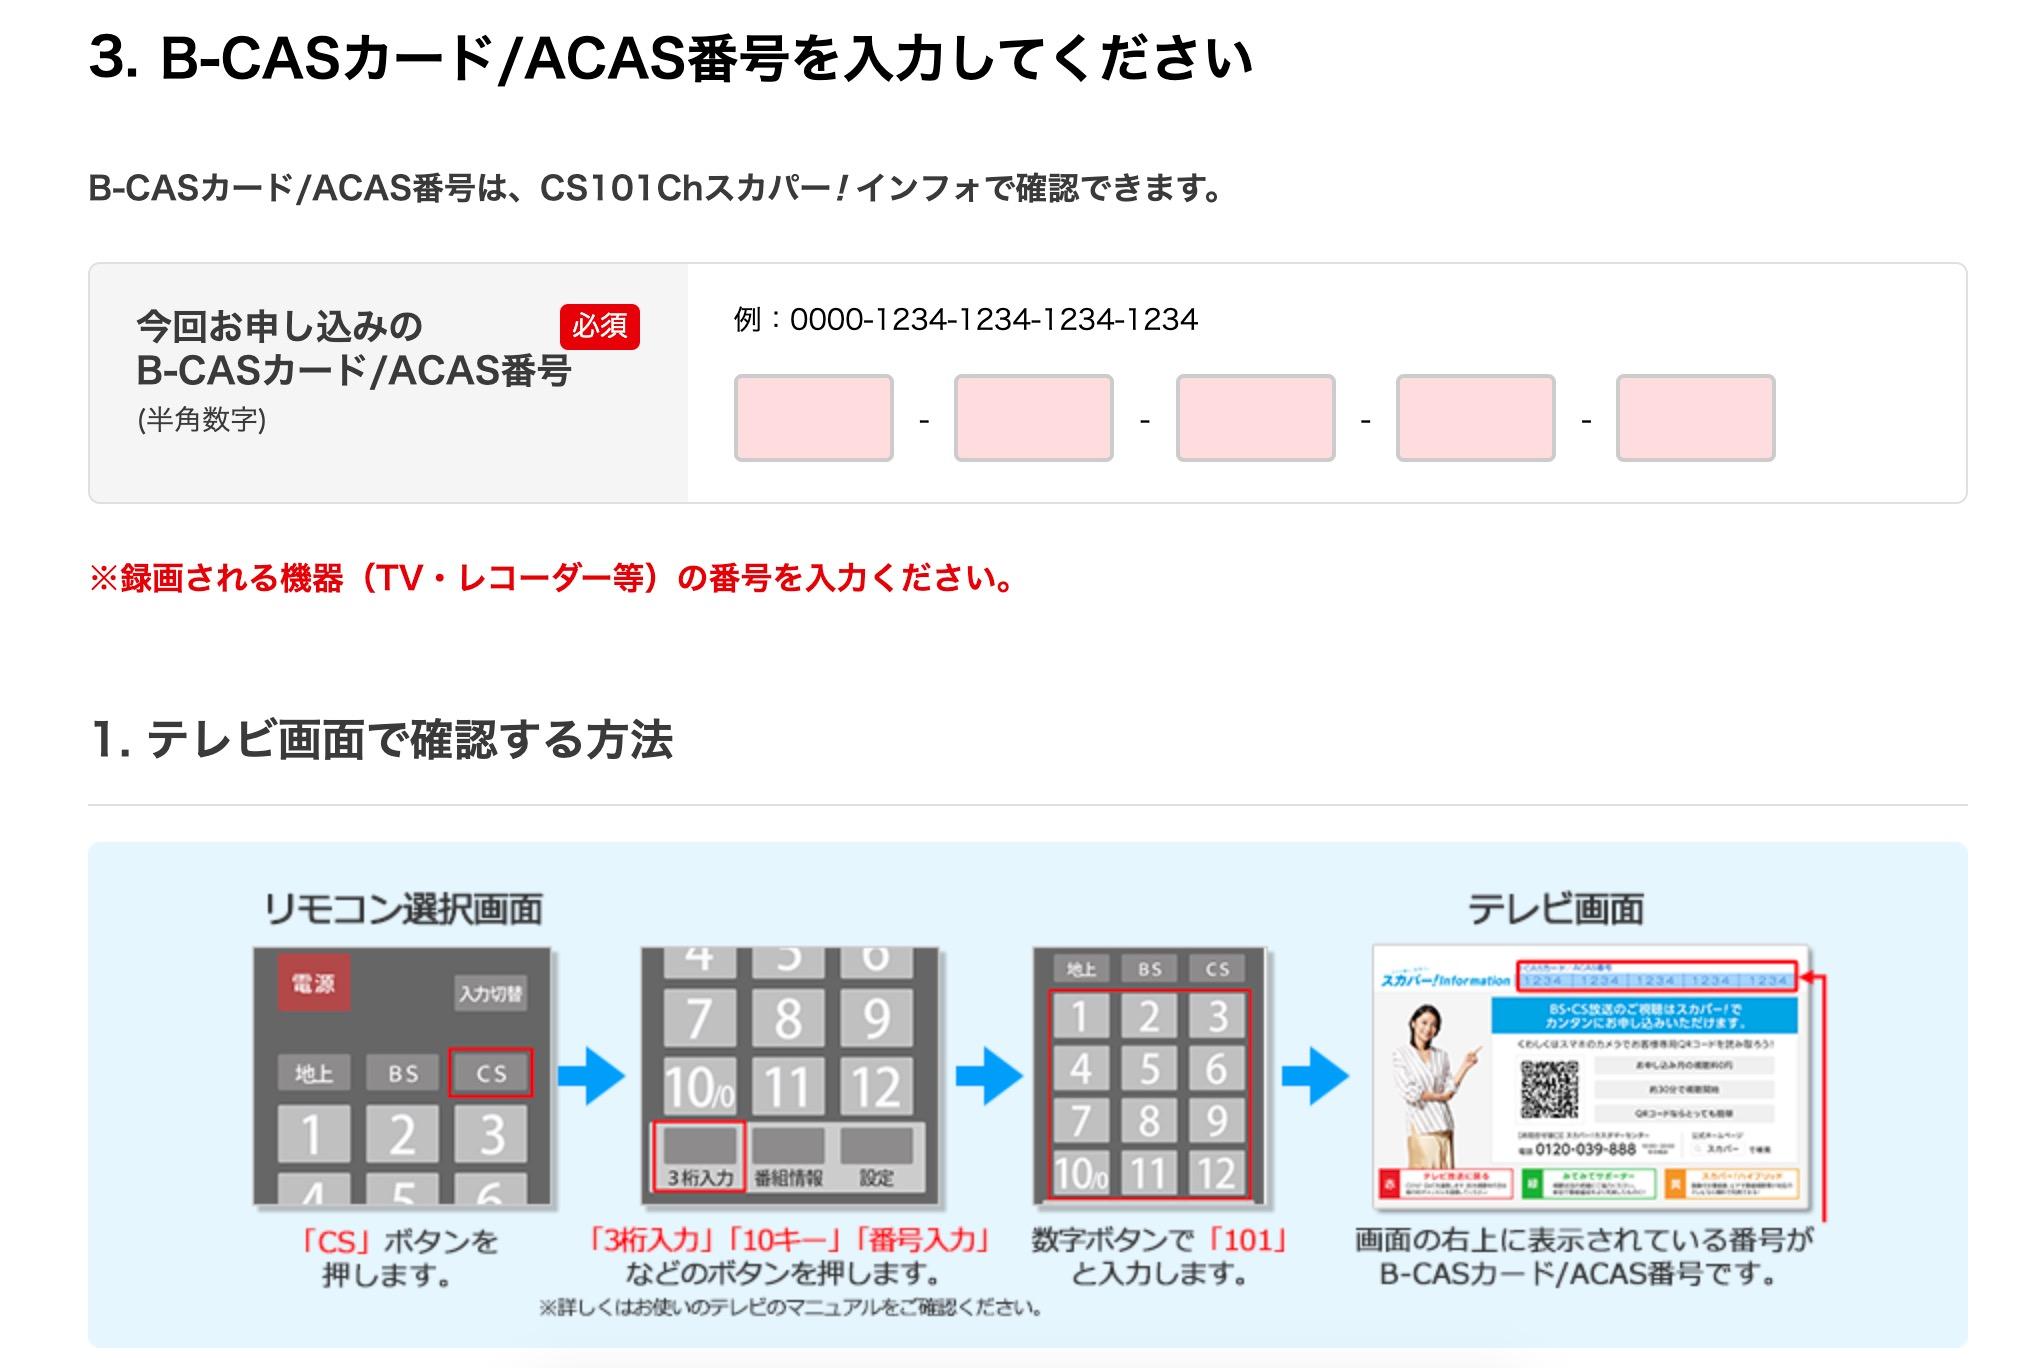 スカパー Mnet 登録方法